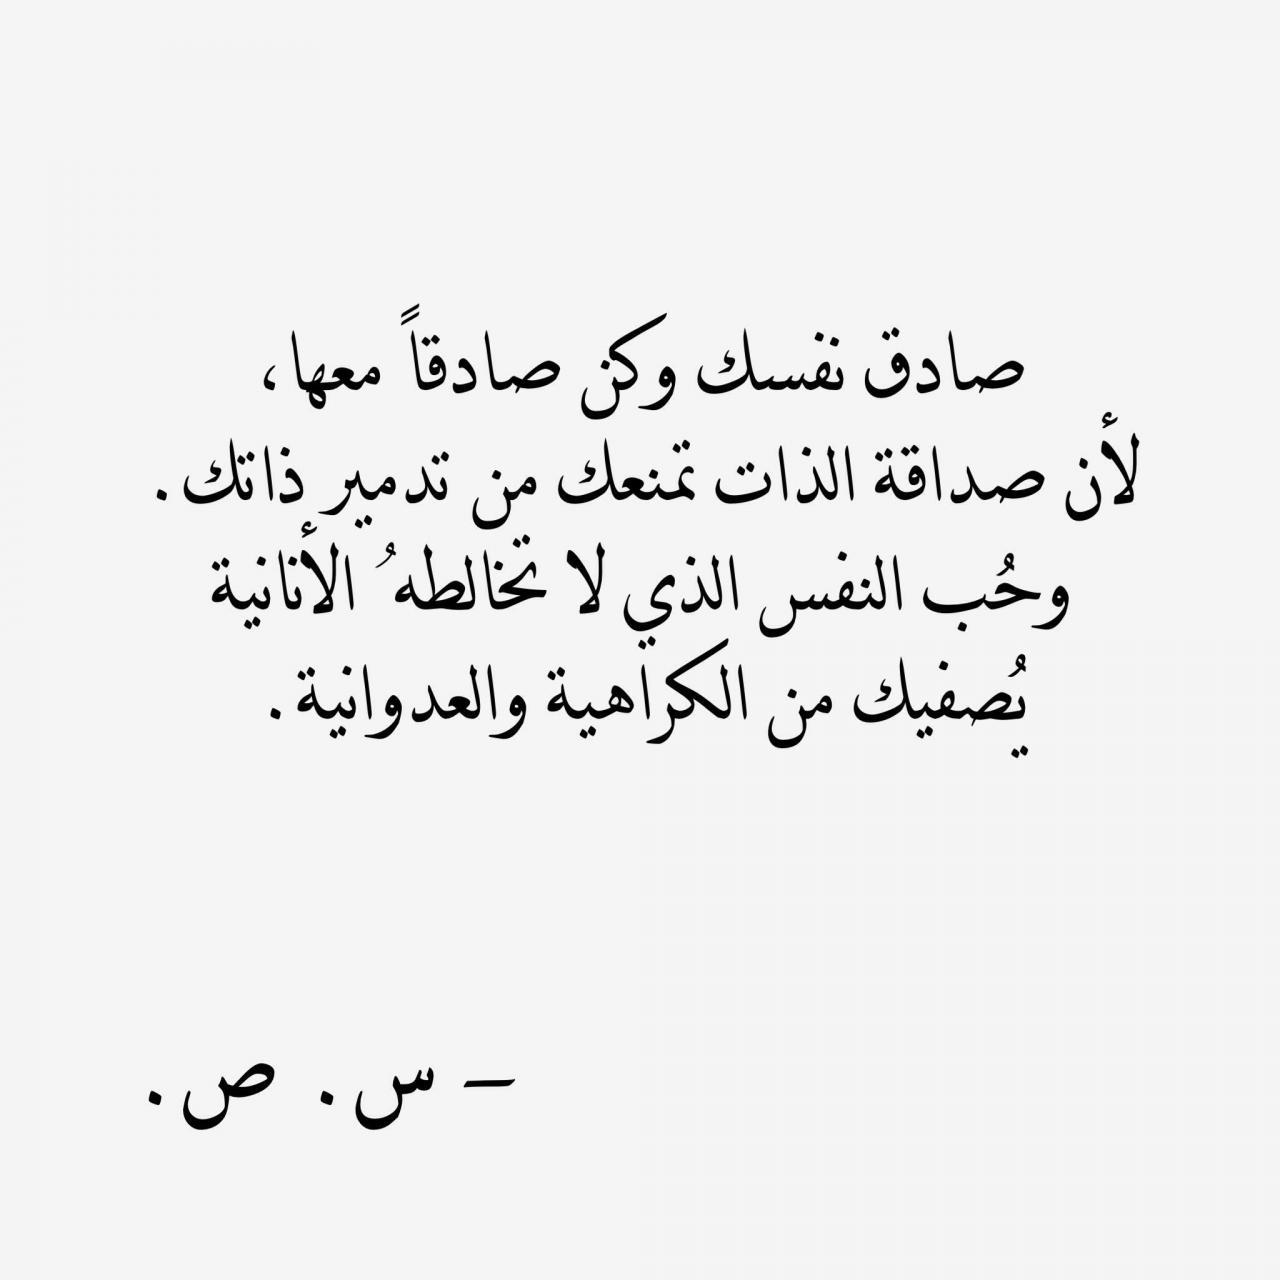 حب نفسك بس بلاش تكون انانى كلام عن حب الذات روح اطفال